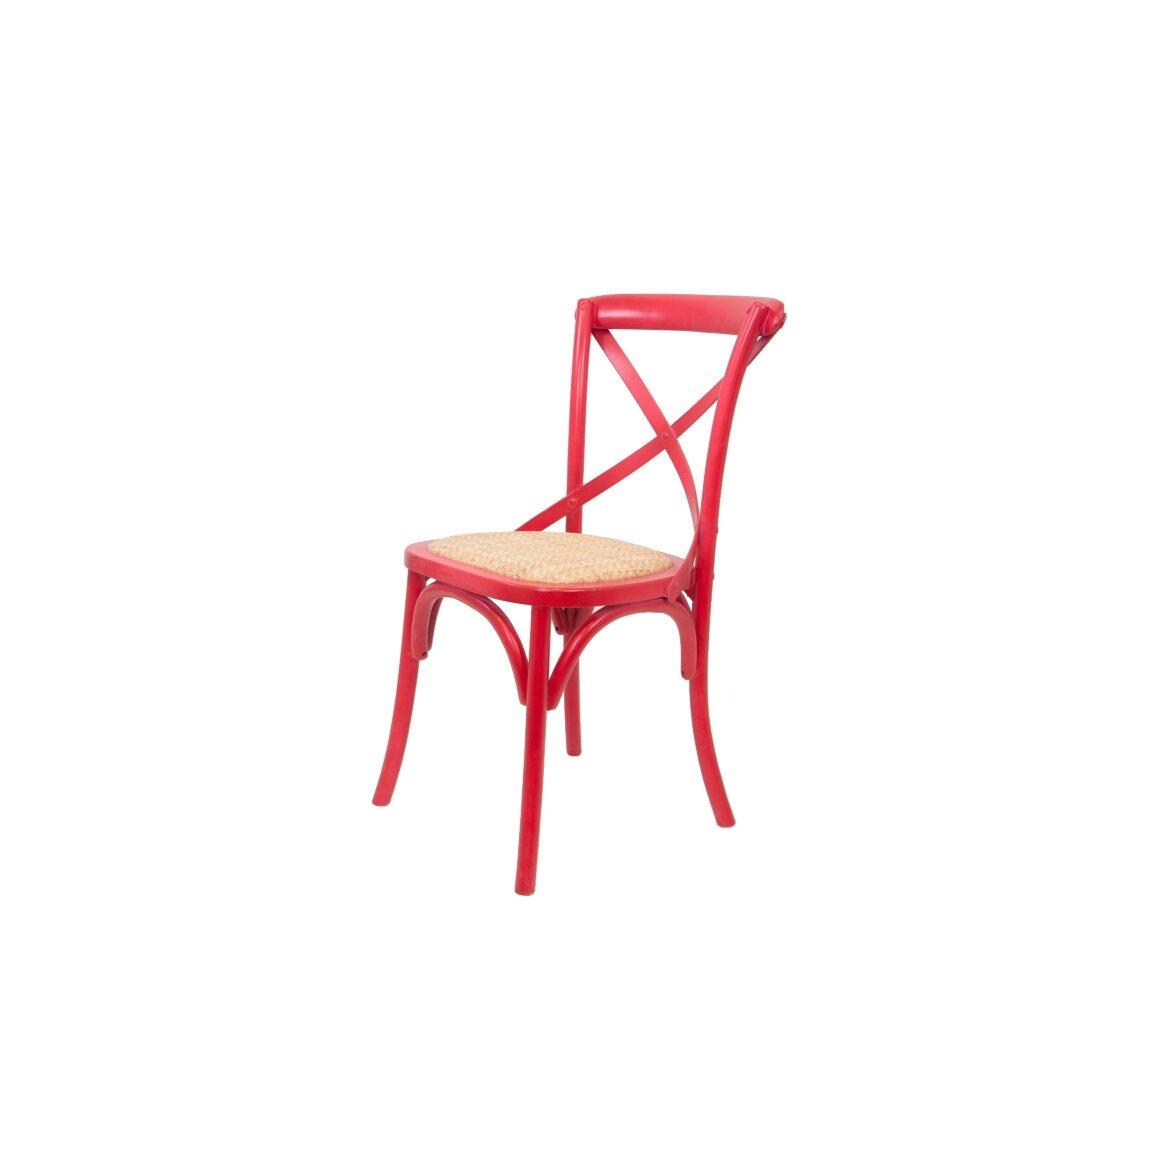 Стул Cross back red 3   Обеденные стулья Kingsby